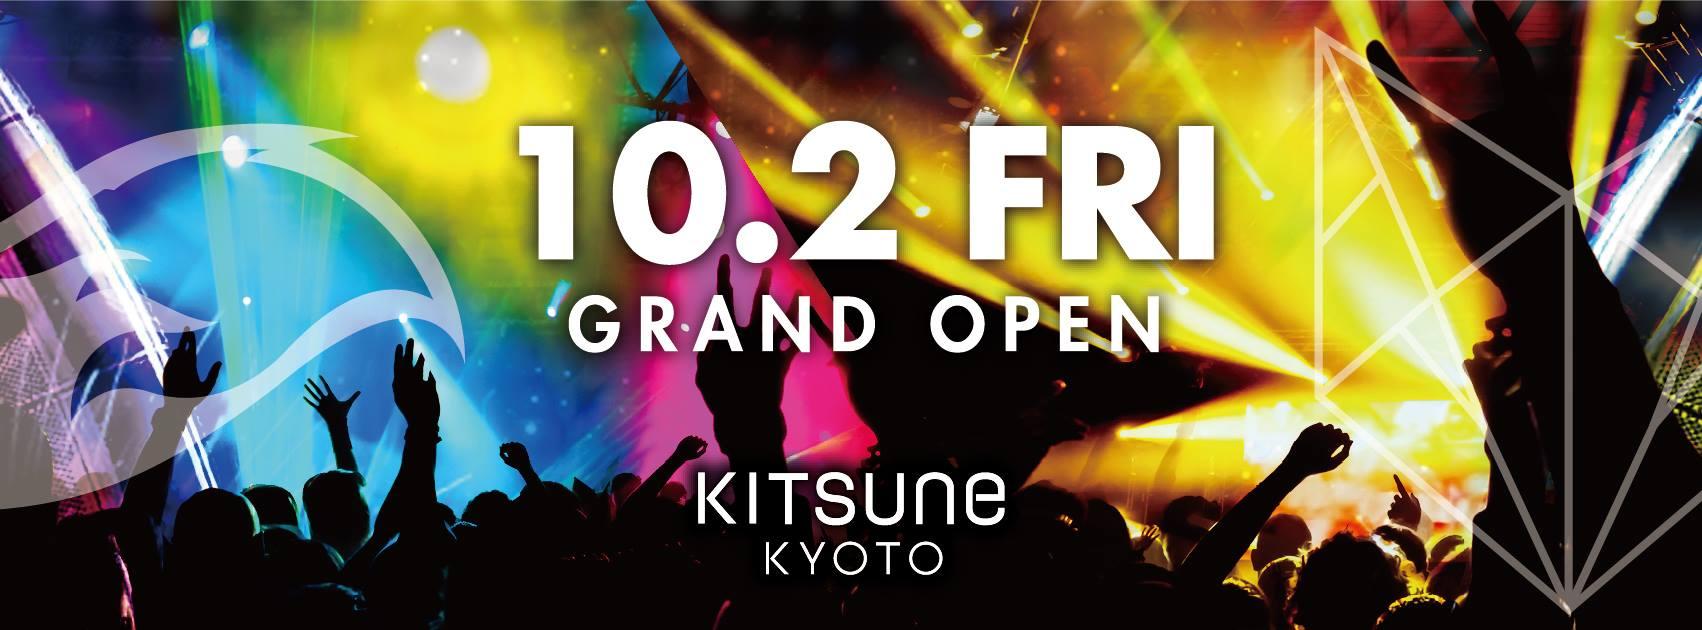 KITSUNE KYOTO open